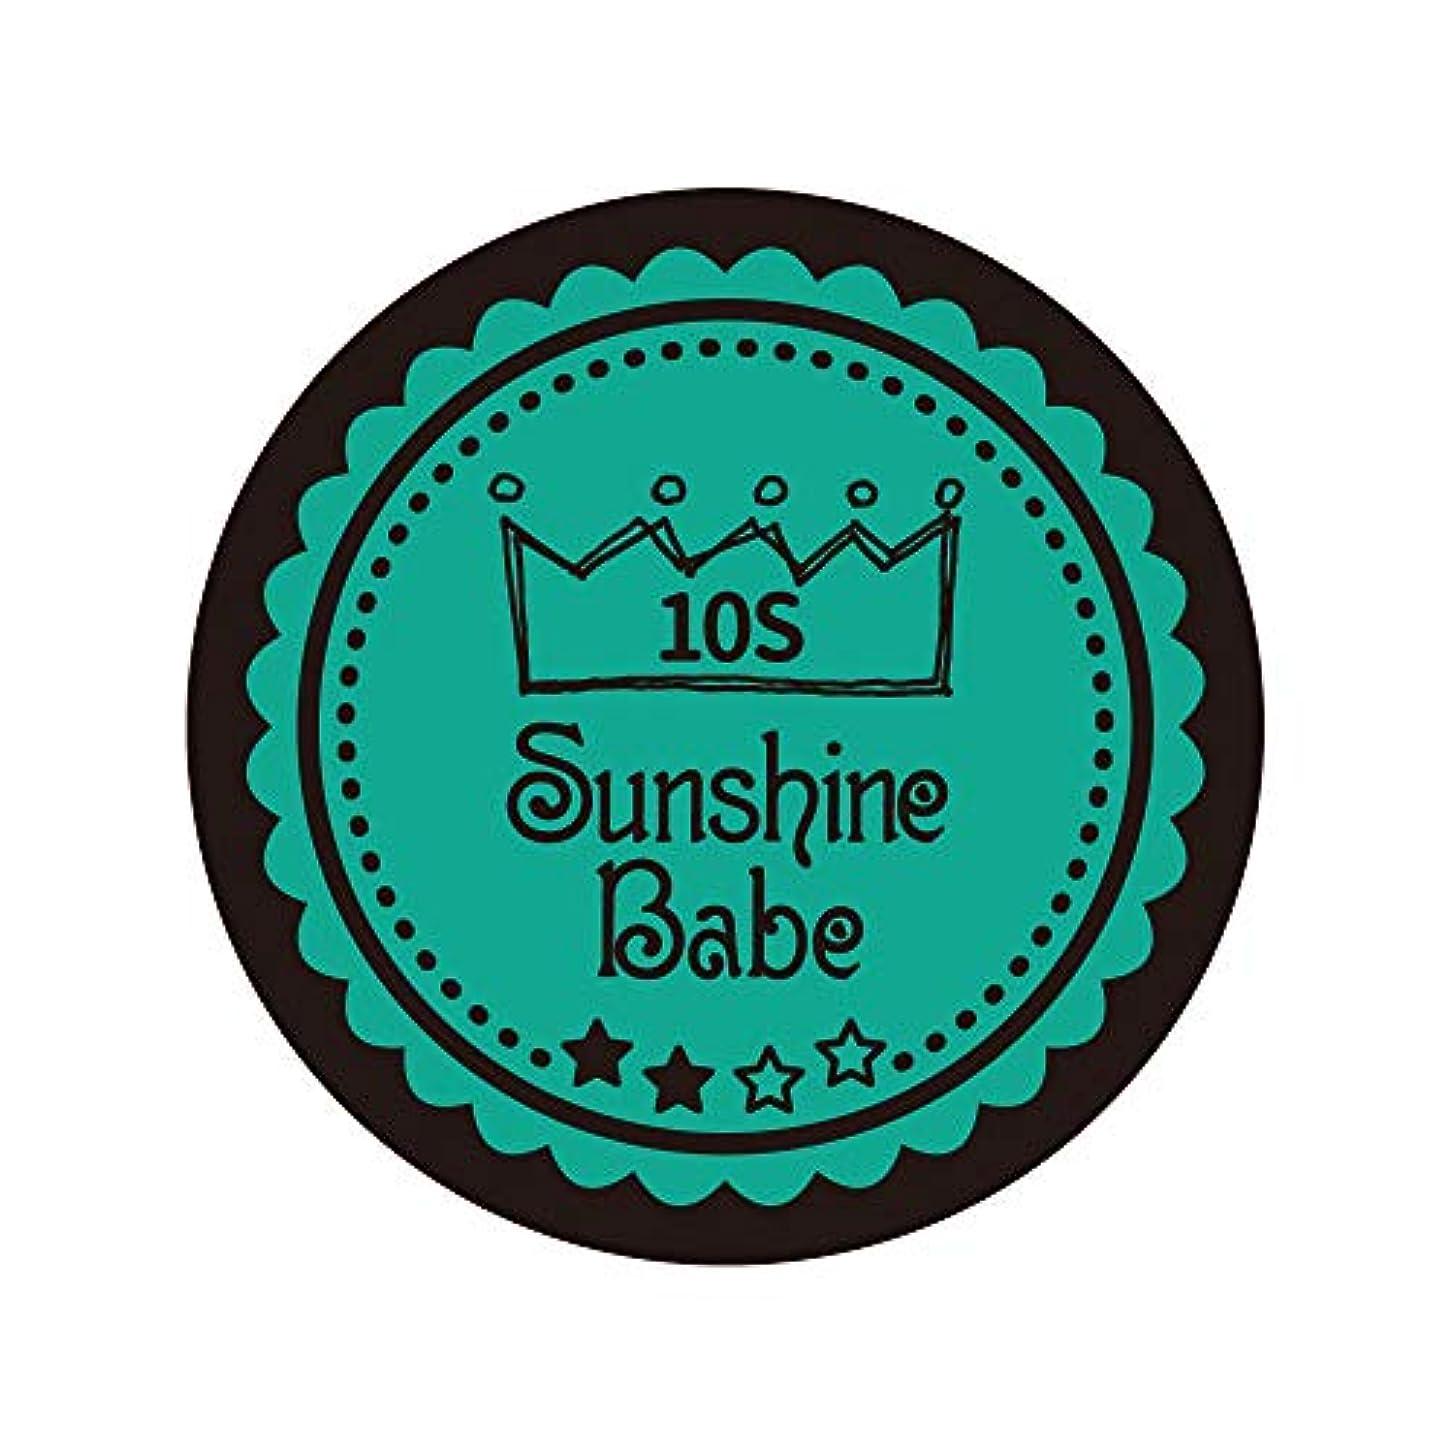 船形プーノずらすSunshine Babe カラージェル 10S アルカディア 2.7g UV/LED対応